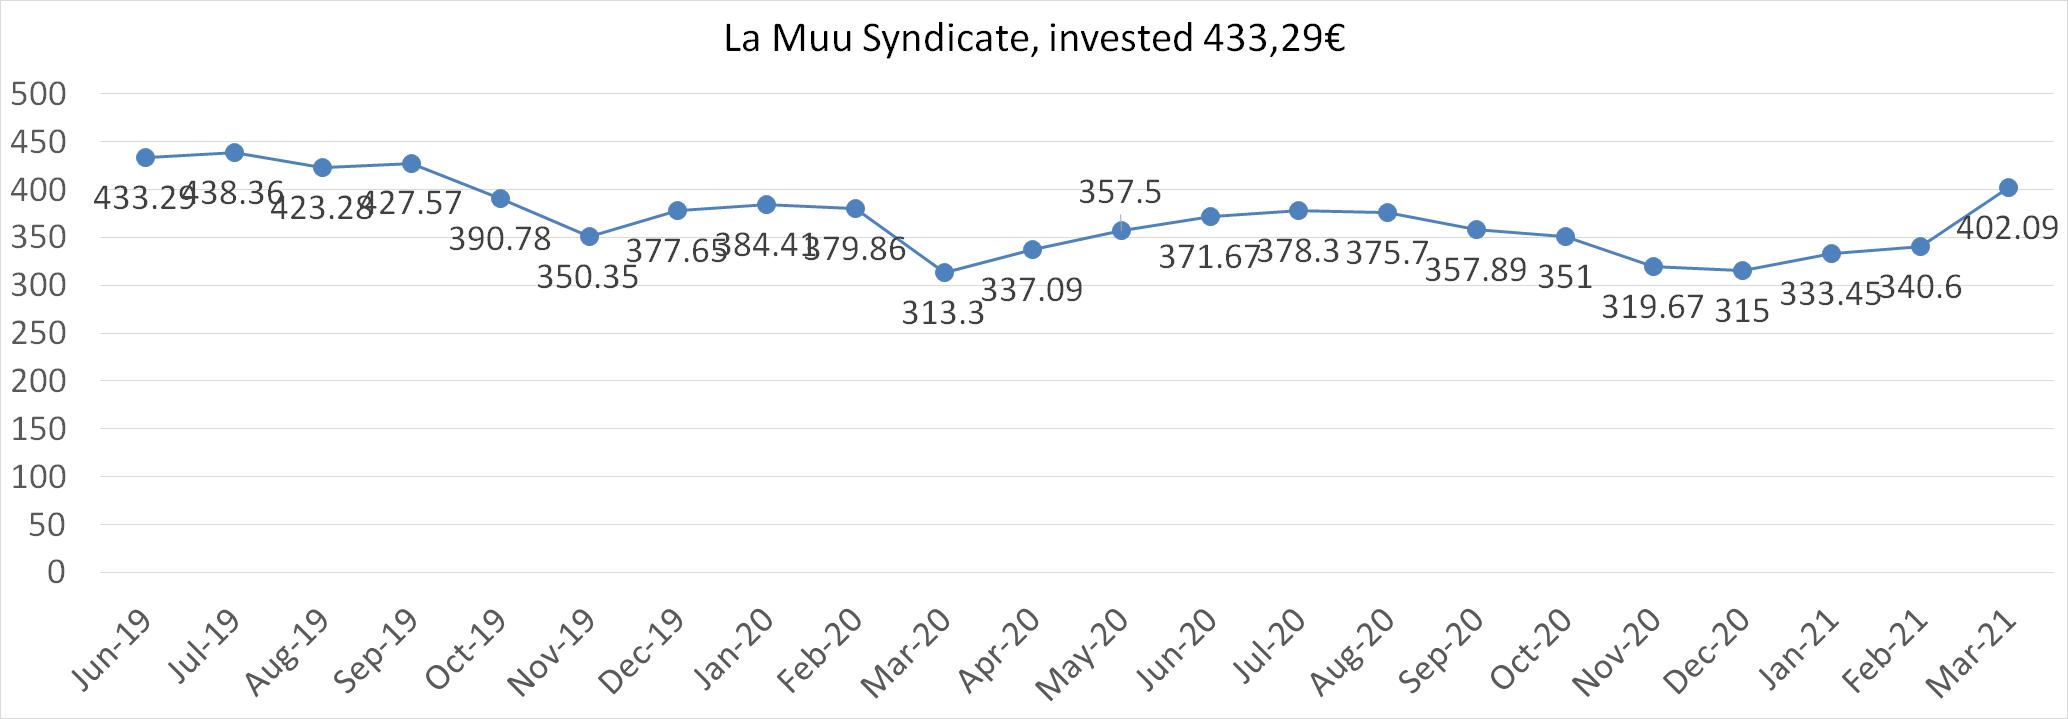 La Muu syndicate worth March 2021